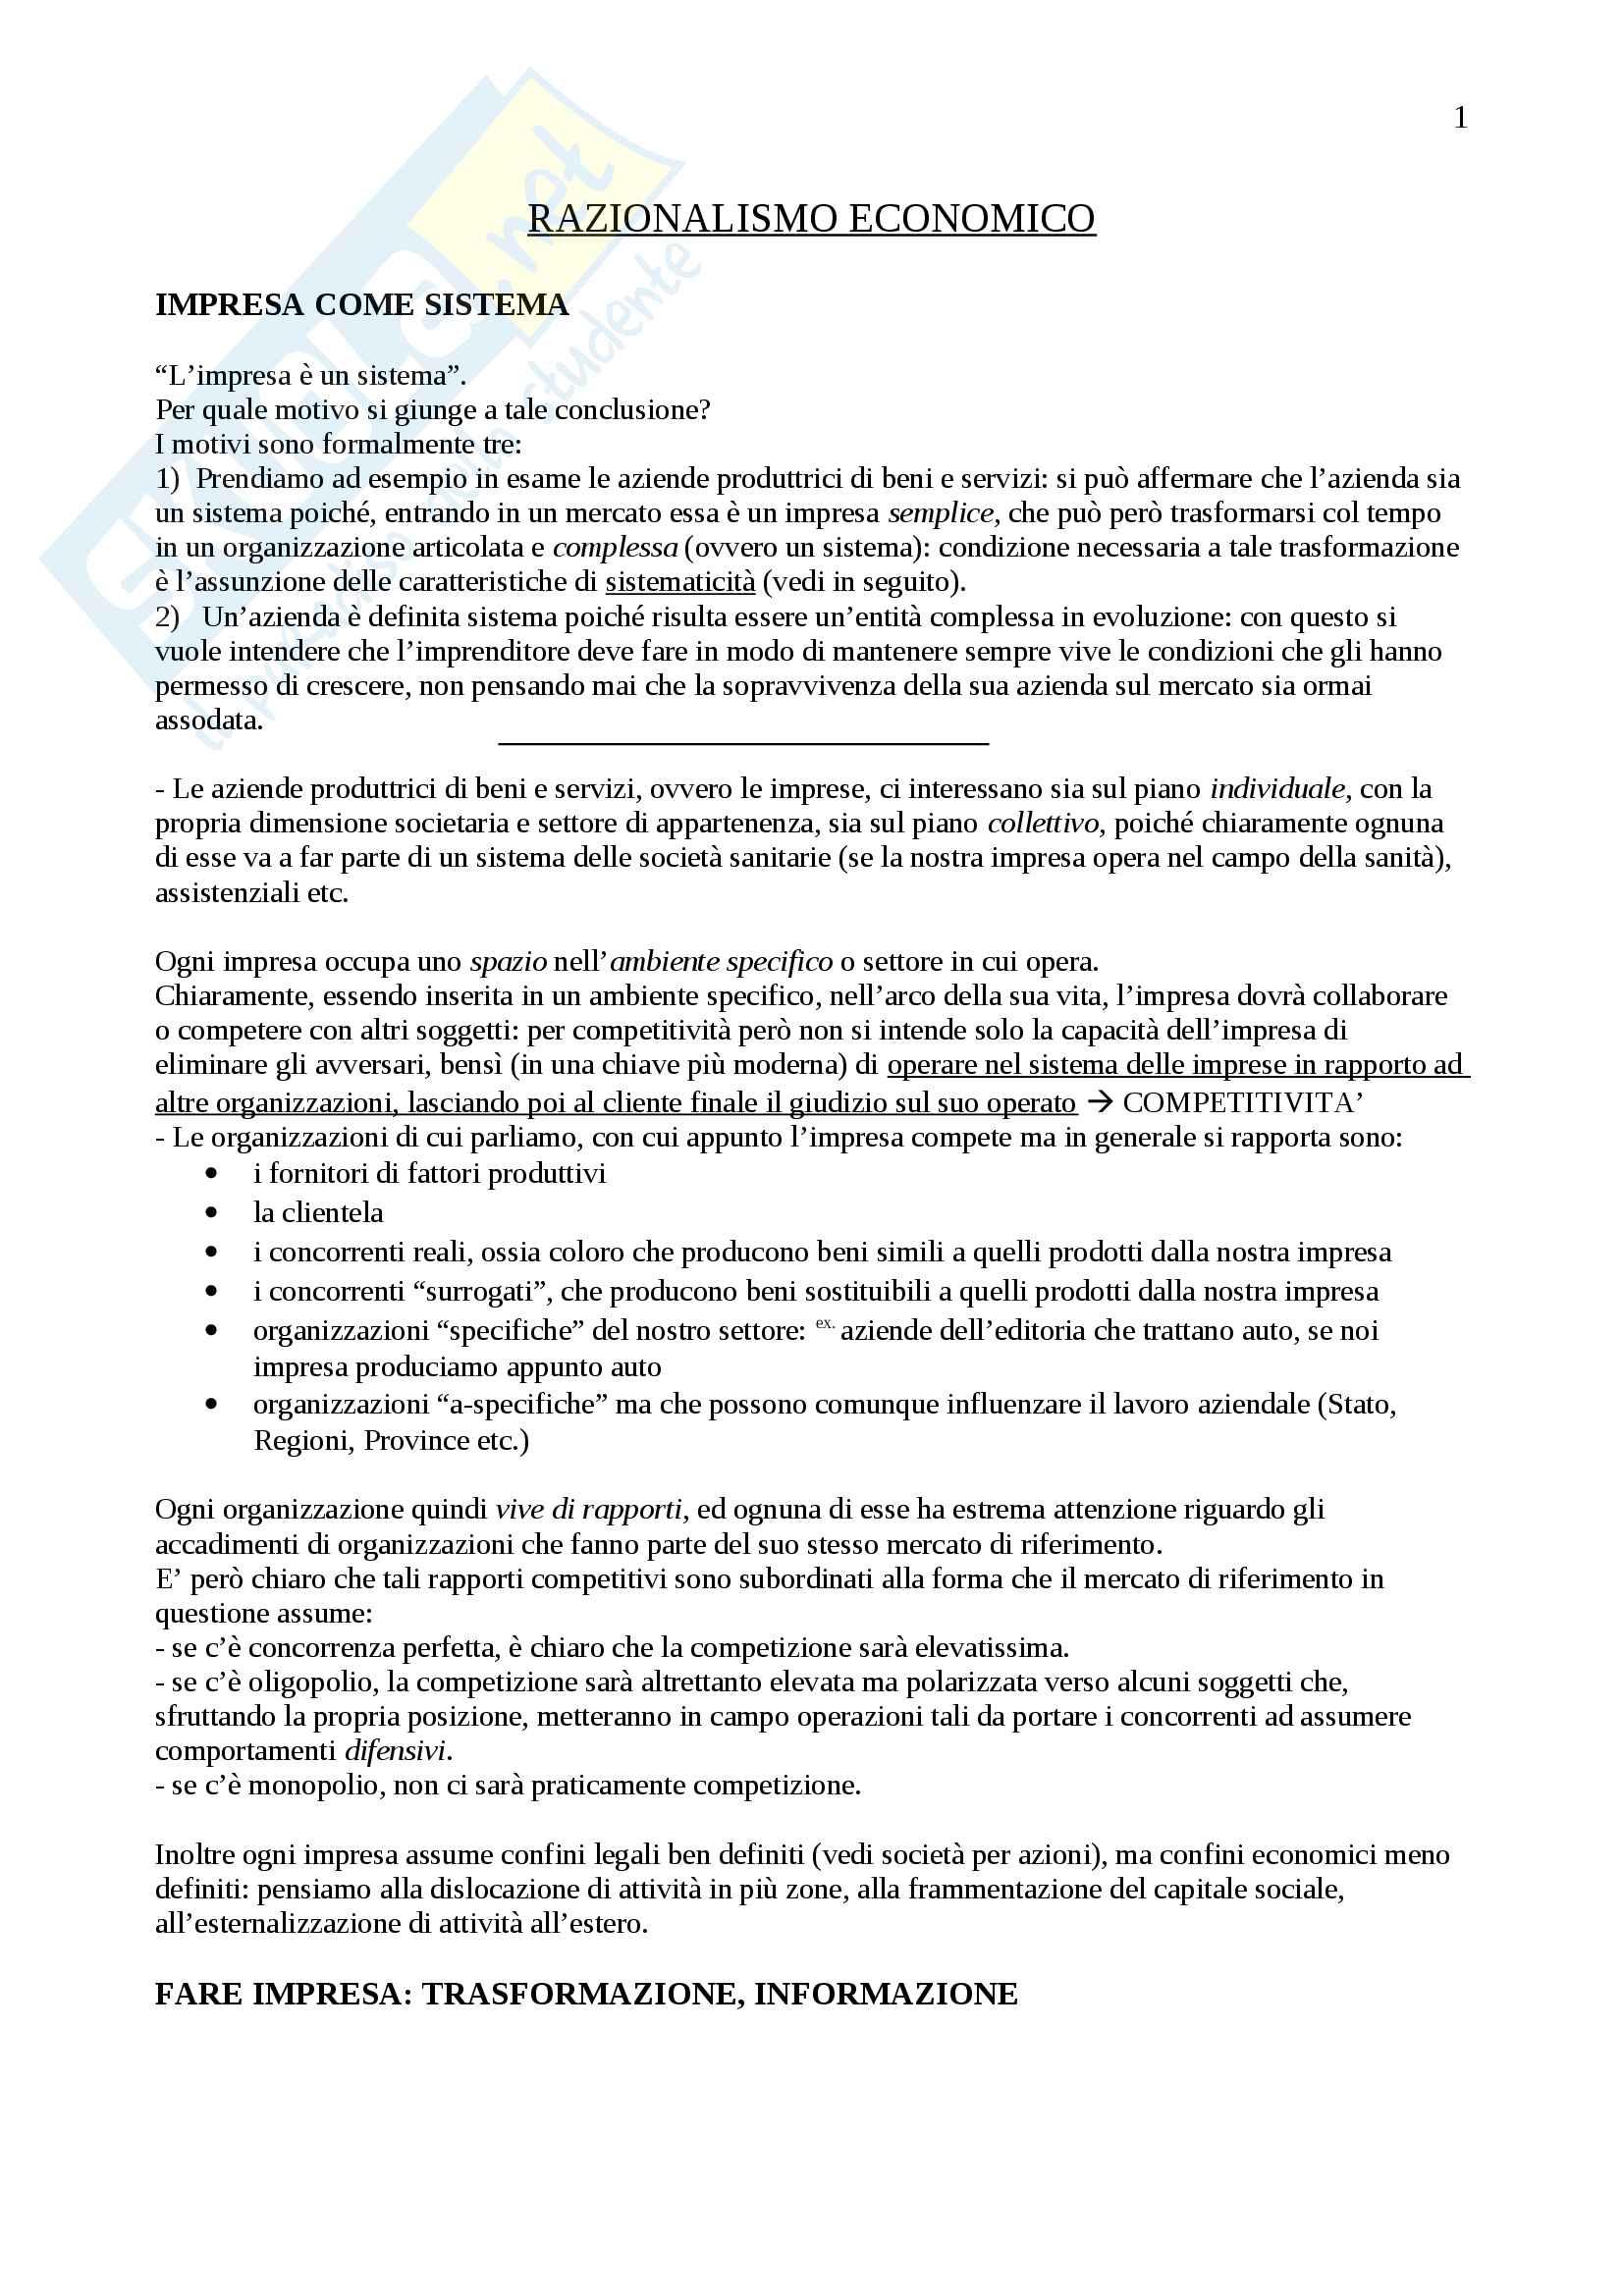 Appunti Economia e gestione delle imprese, Prof. Vagnani